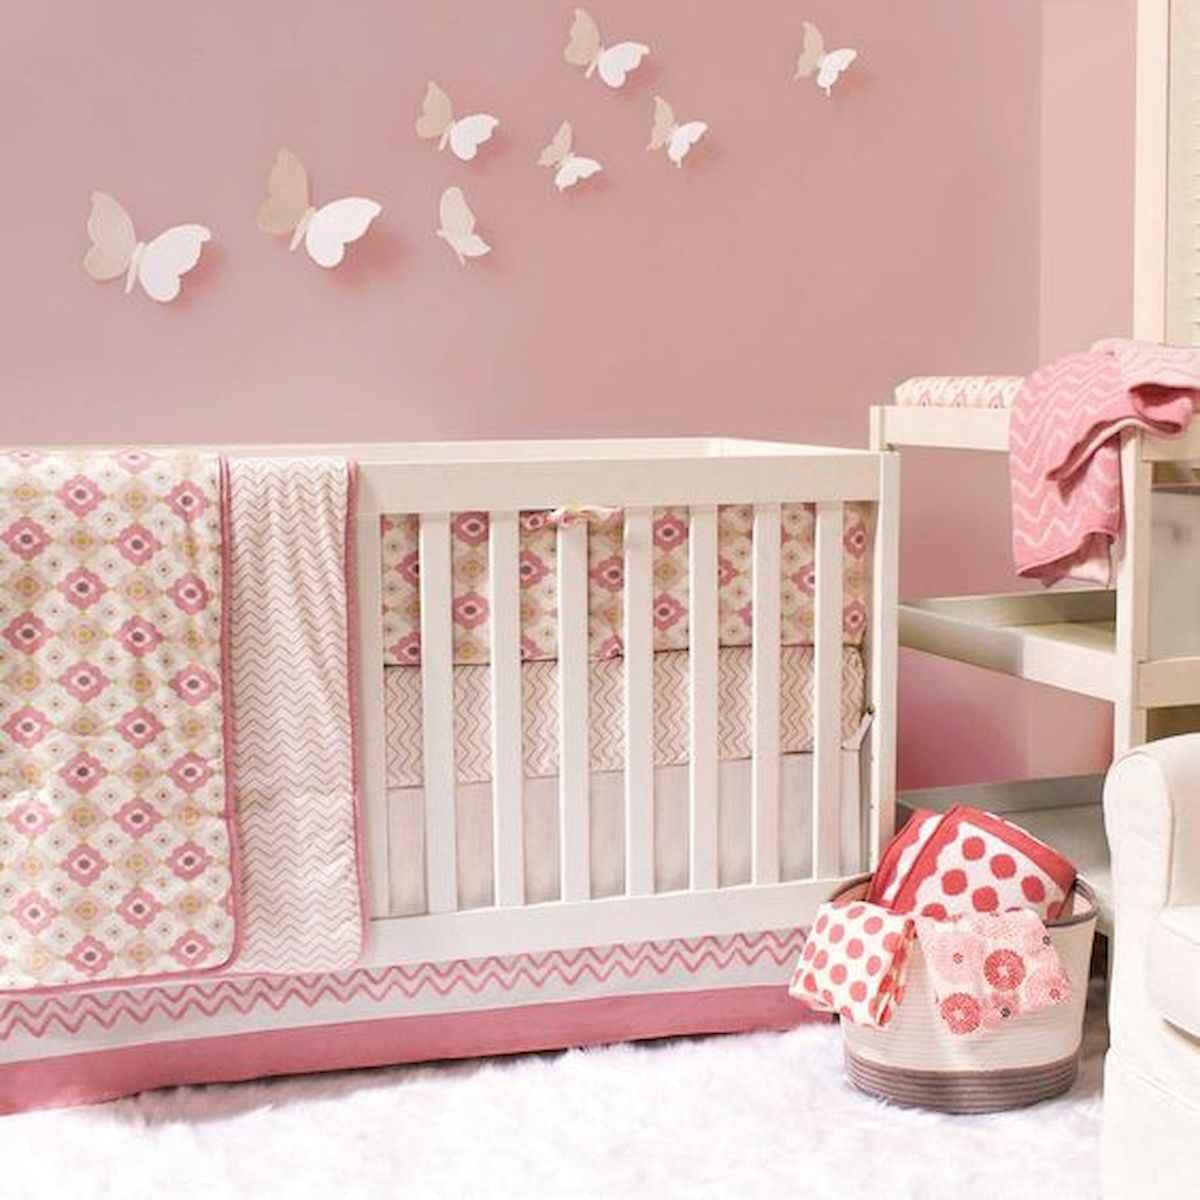 Adorable Nursery Idea: 33 Adorable Nursery Room Ideas For Girl (6)